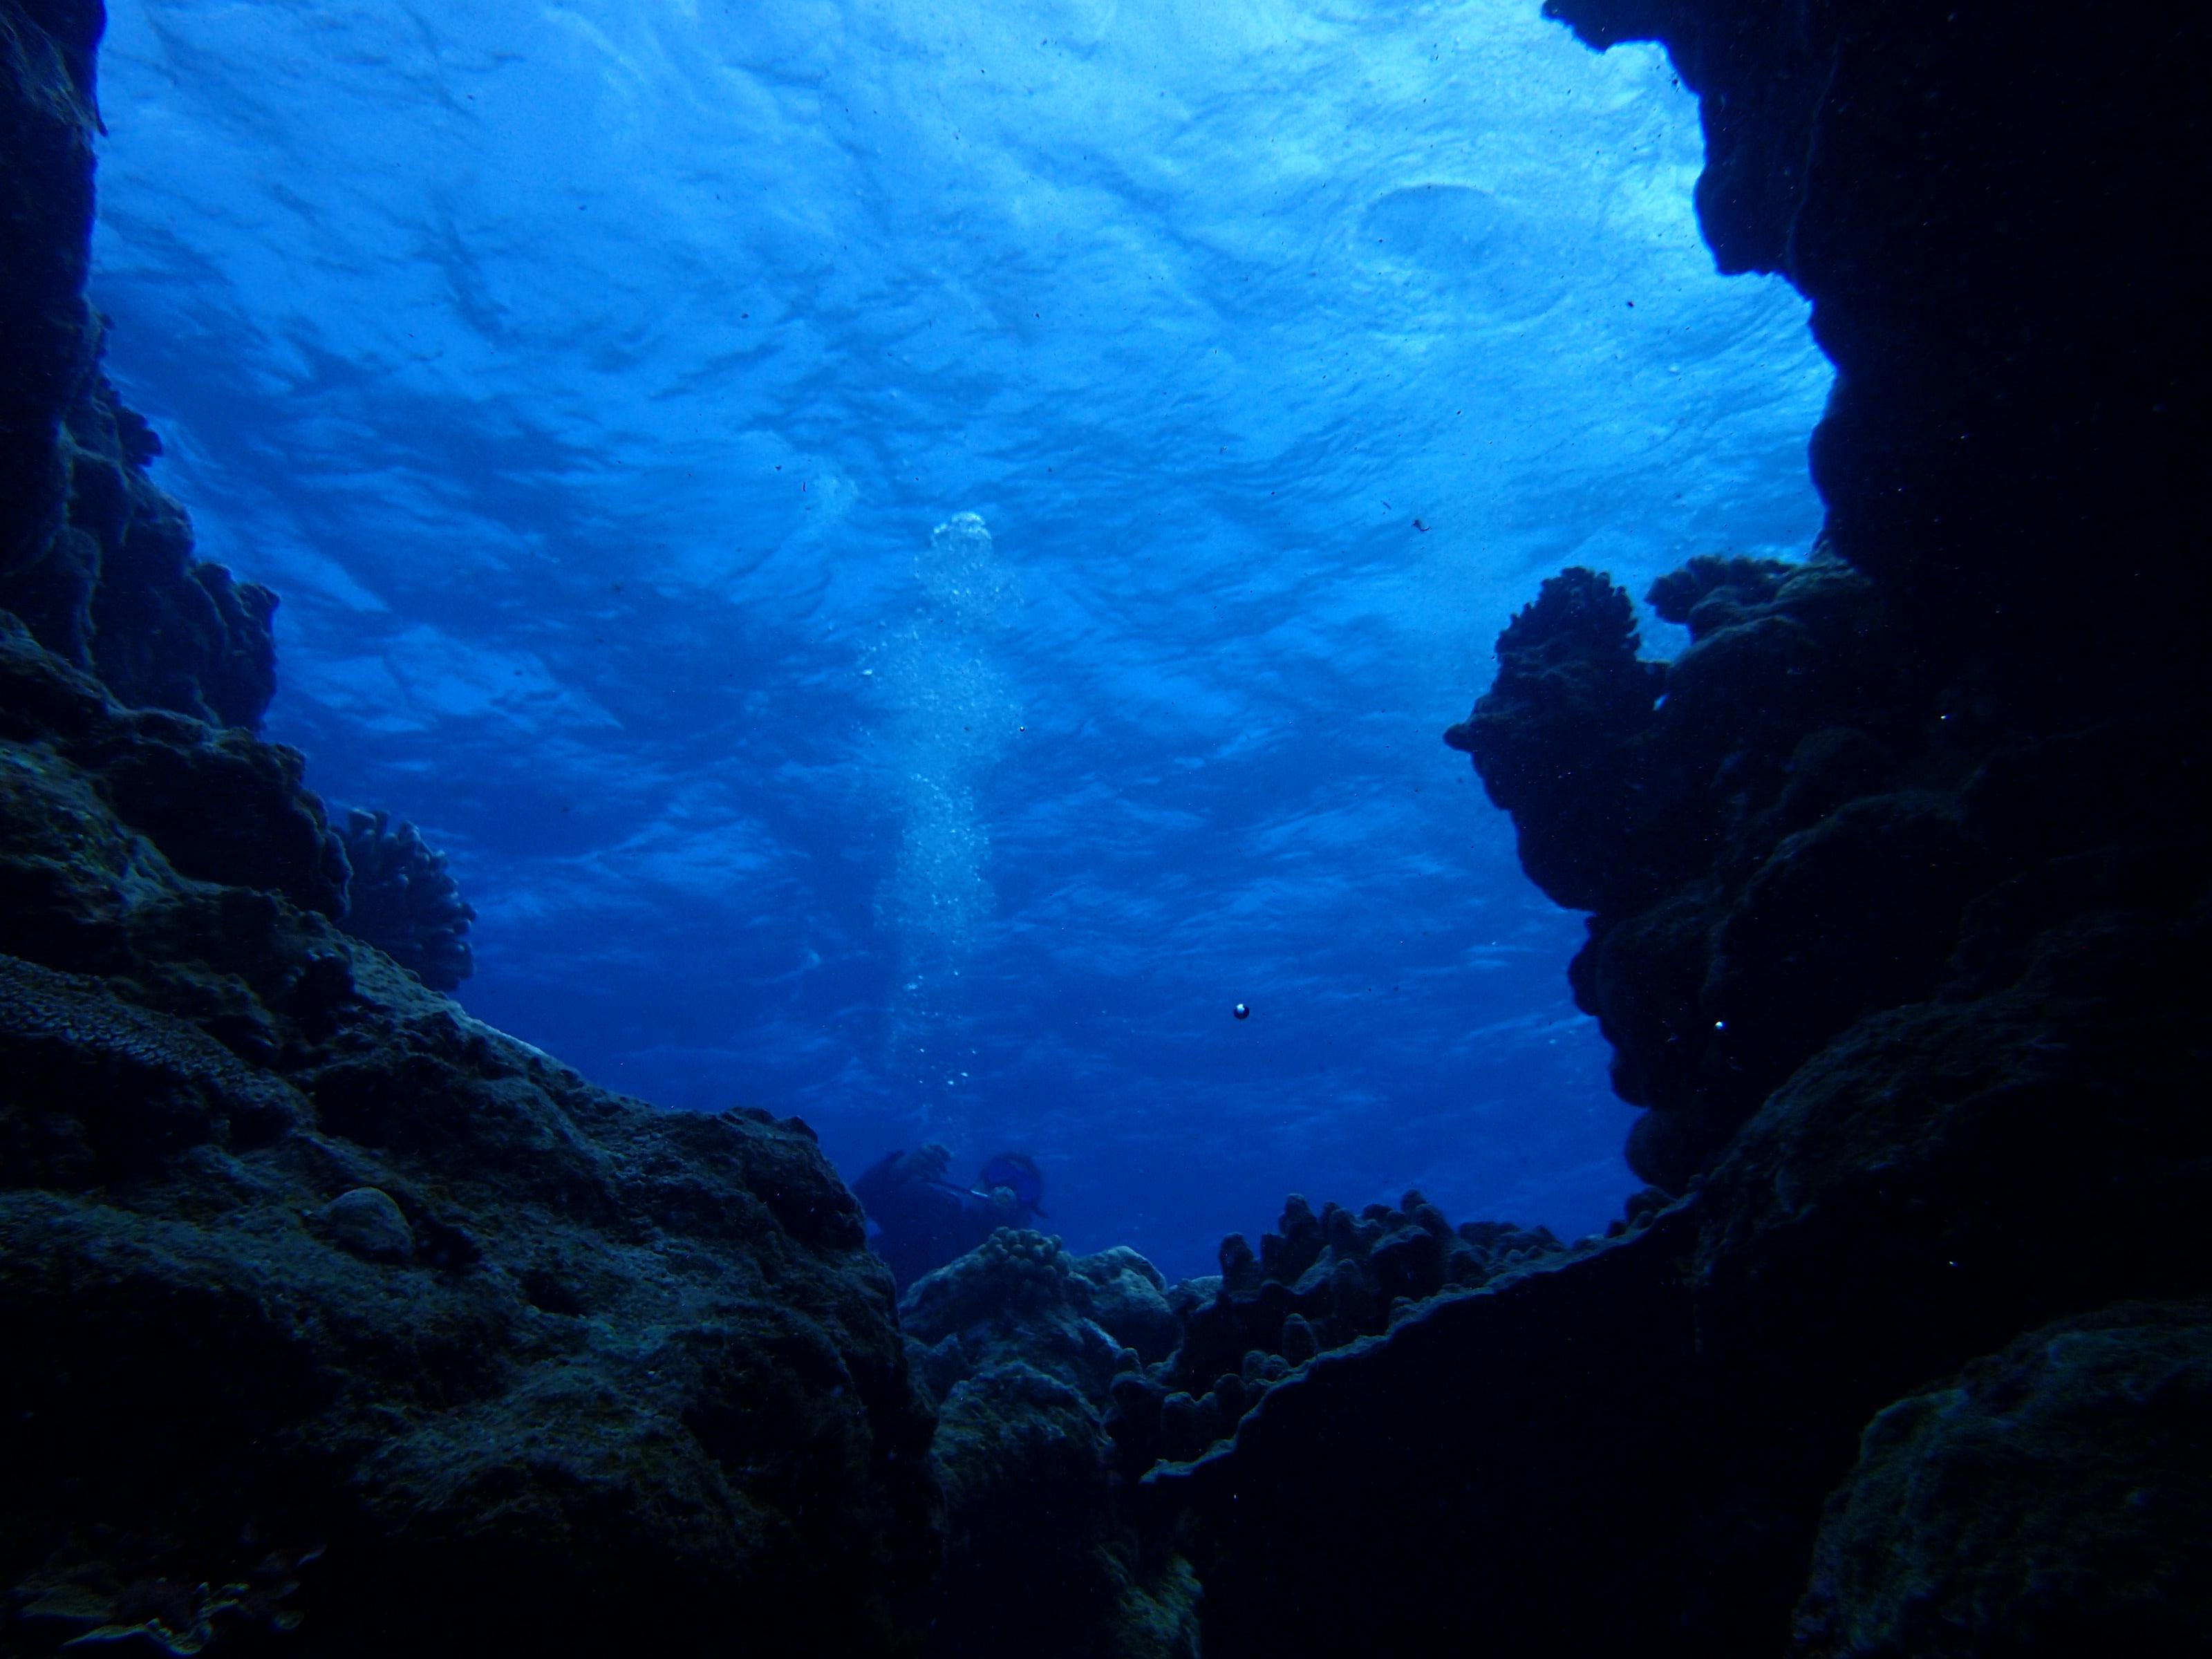 2016年7月15日 慶良間群島線路有執照潛水